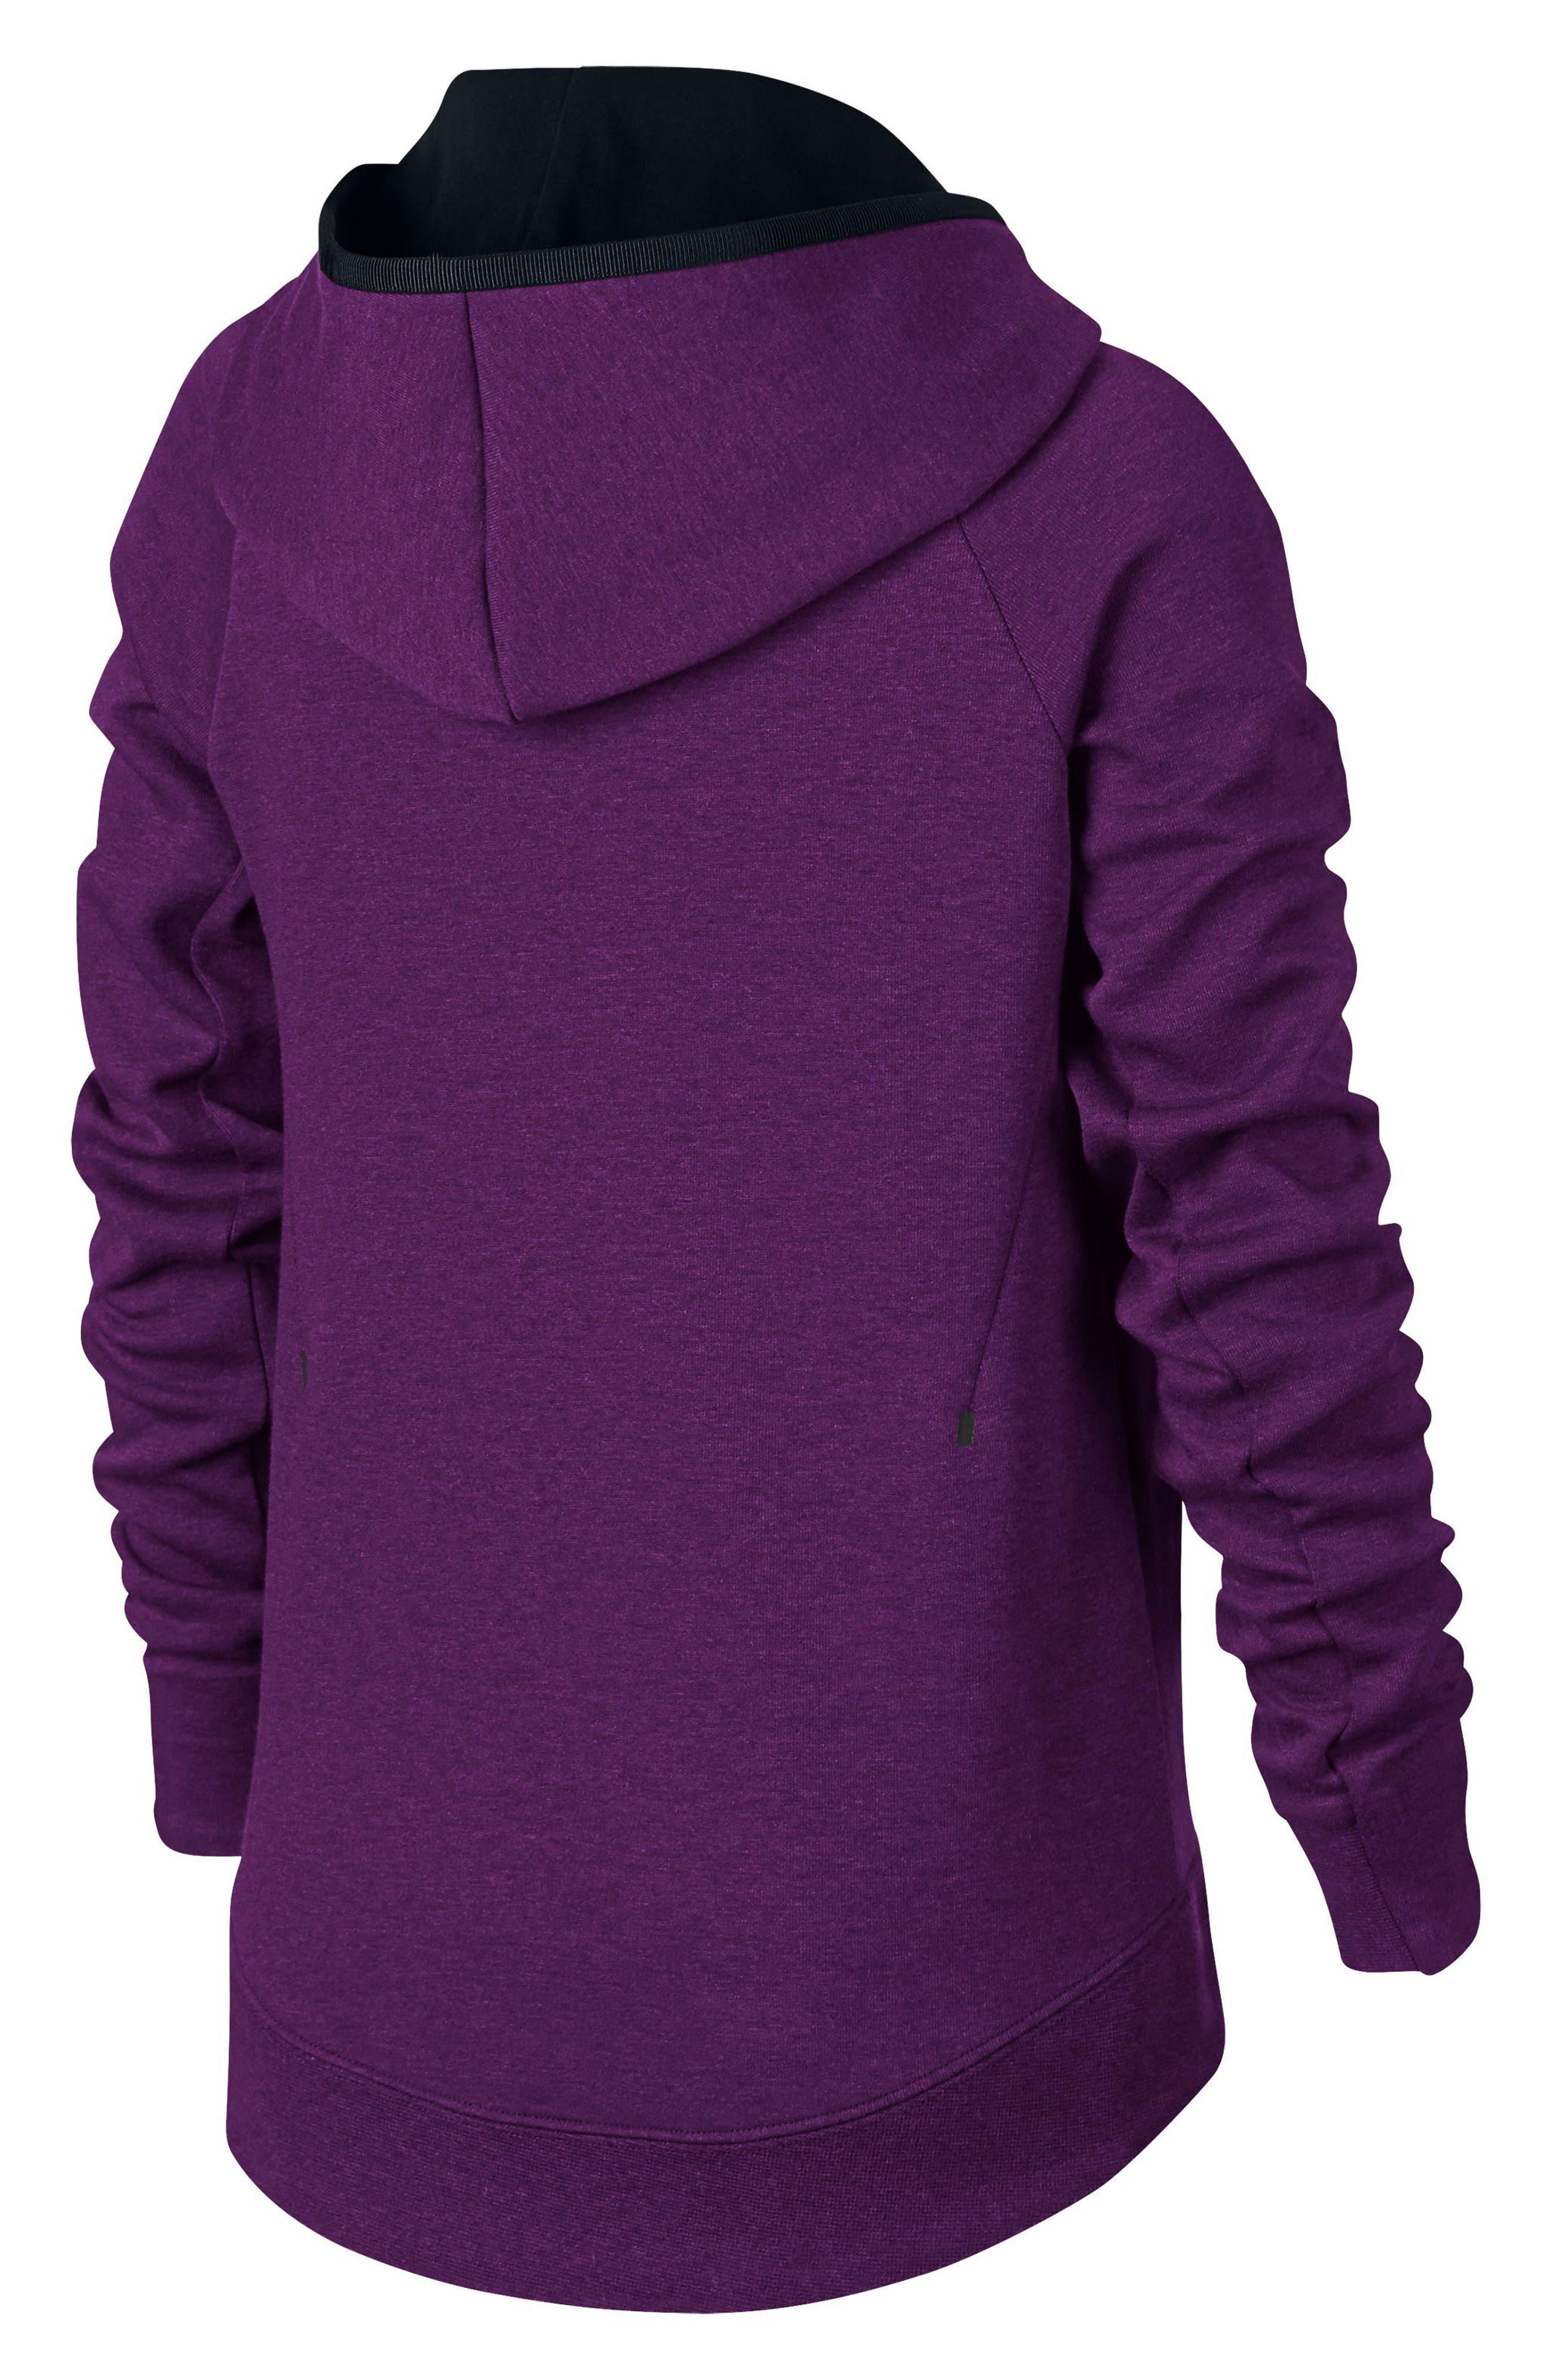 Sportswear Tech Fleece Hoodie,                             Alternate thumbnail 3, color,                             Night Purple/ Black